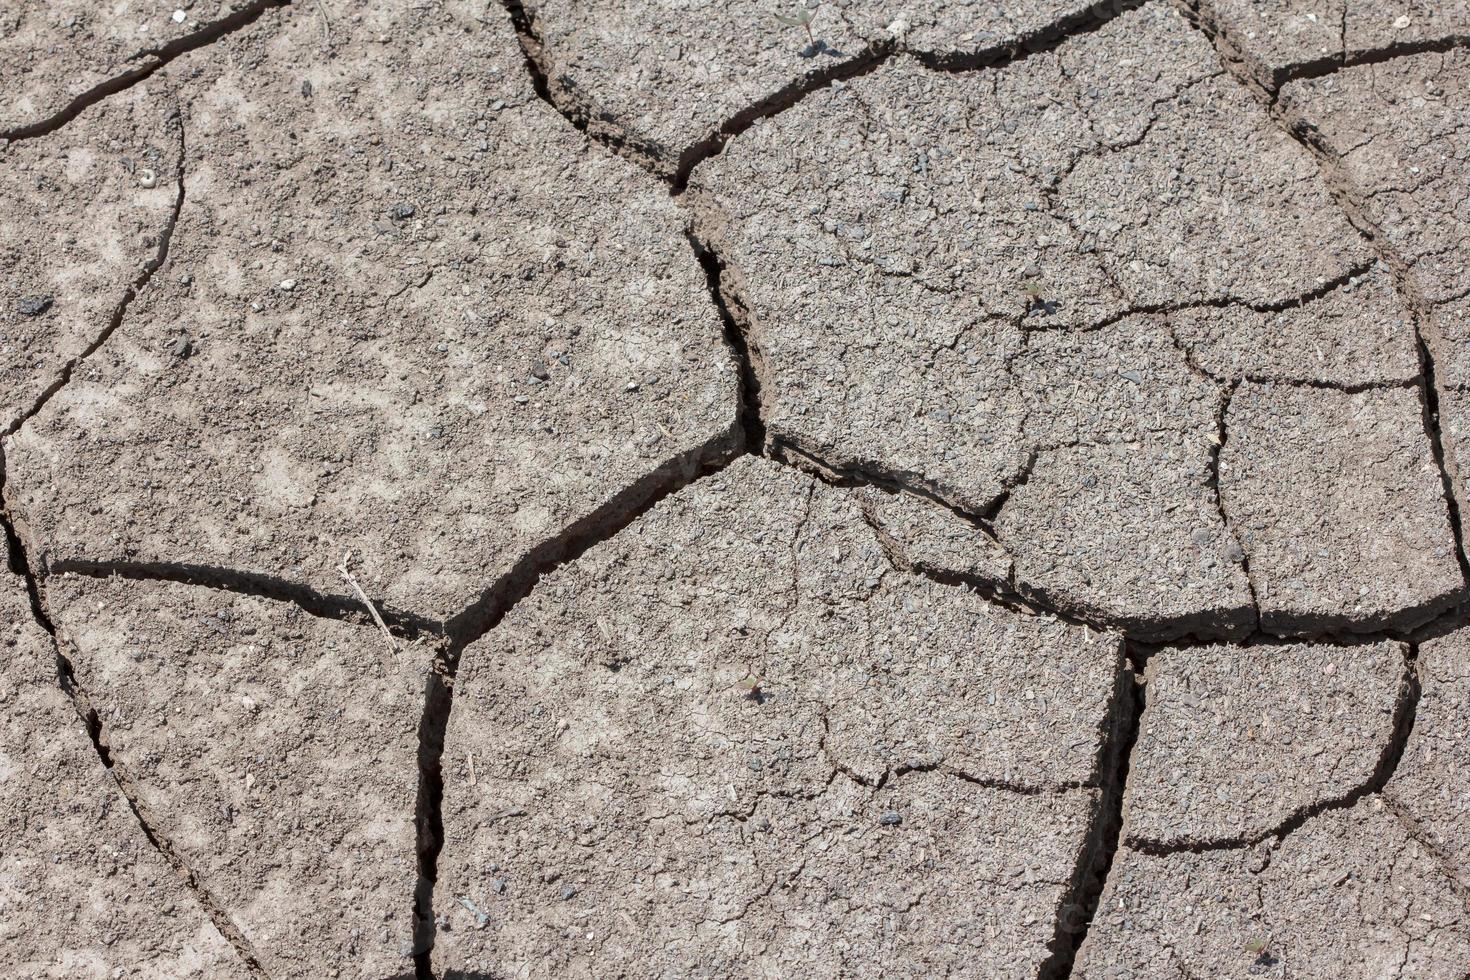 tierra seca y agrietada foto